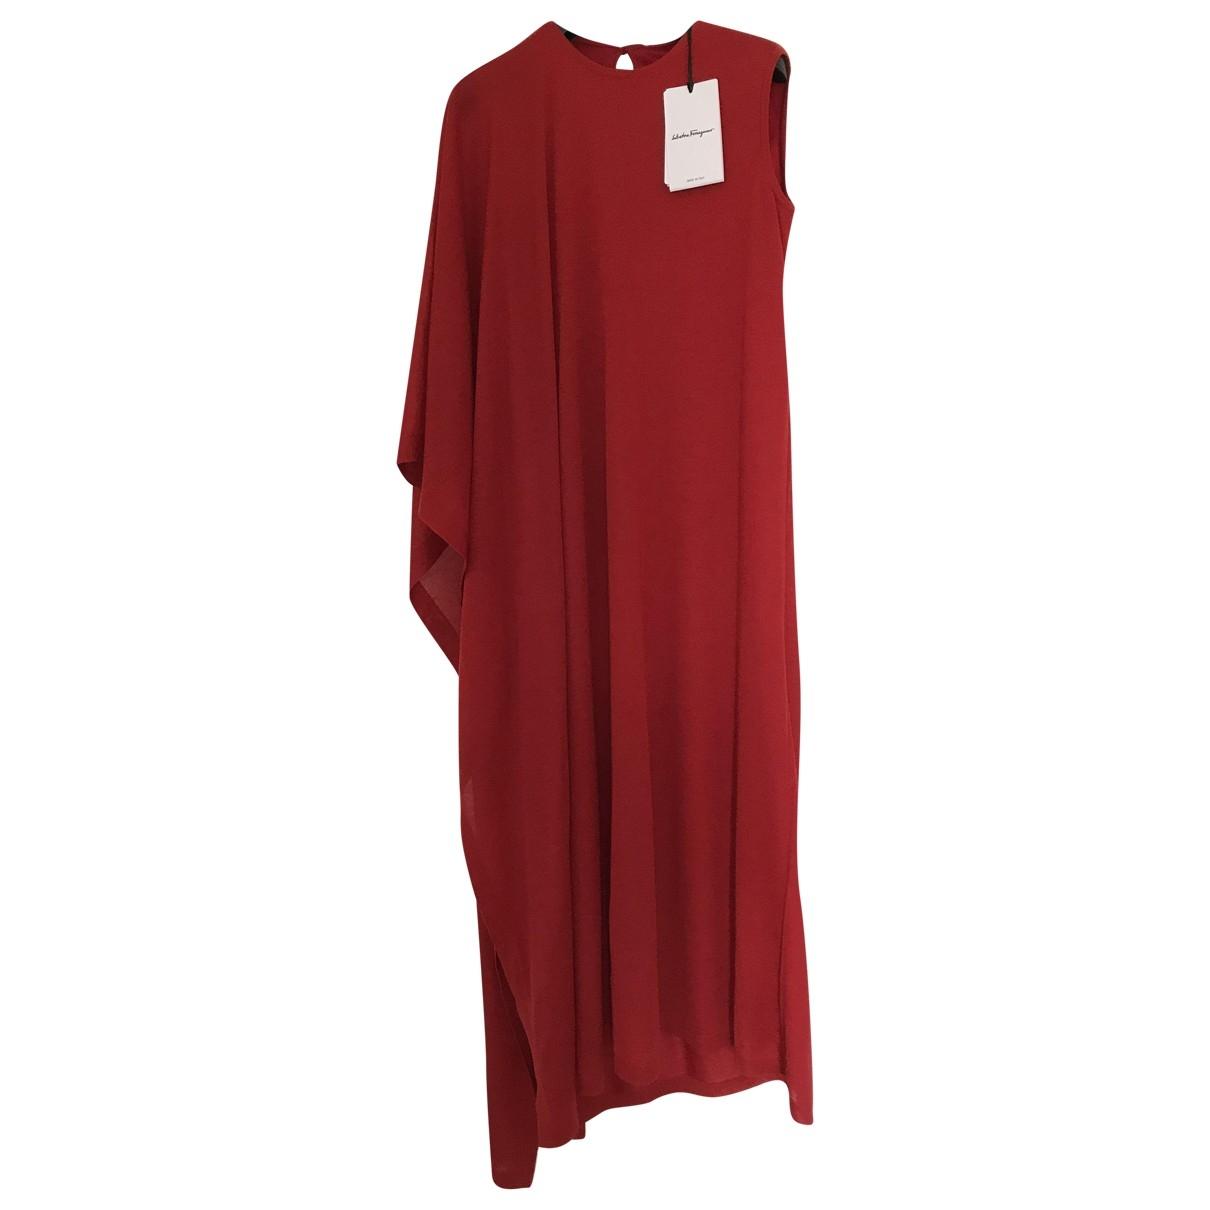 Salvatore Ferragamo - Robe   pour femme en cachemire - rouge